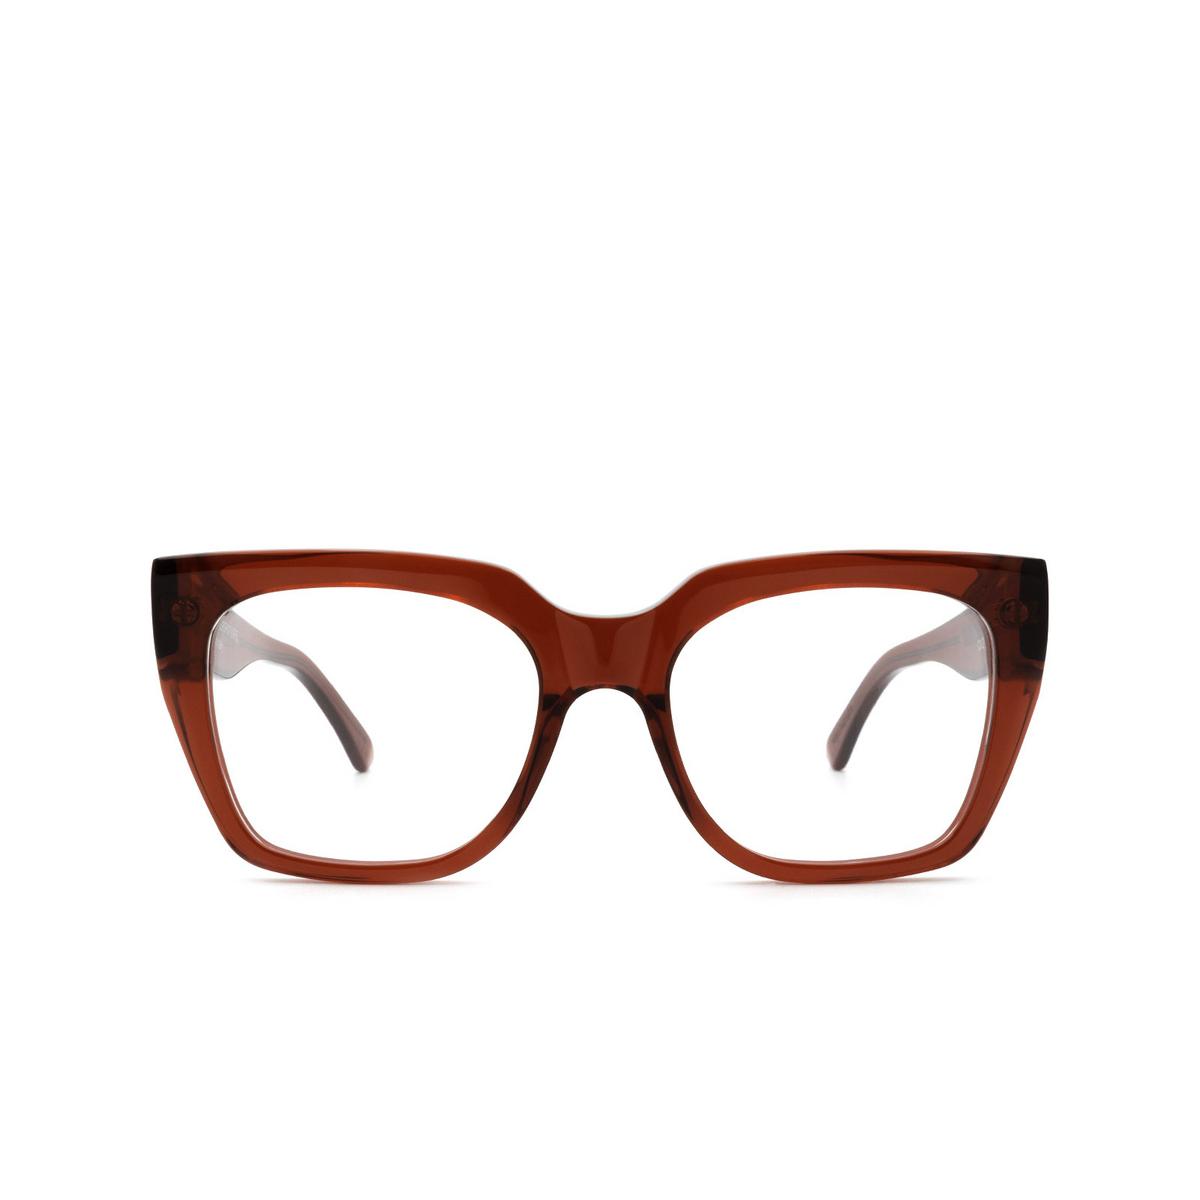 Retrosuperfuture® Square Eyeglasses: NUMERO 76 color Rosso Profondo CX2 - front view.